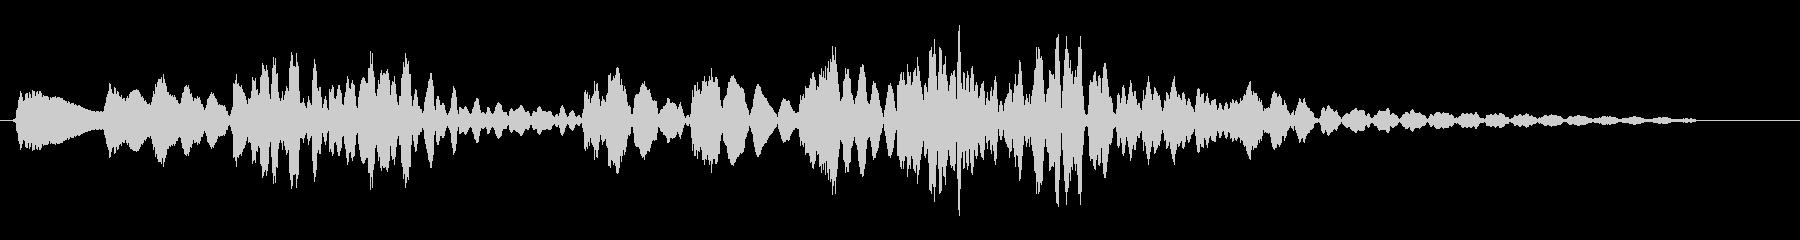 コロコロン(コミカル)の未再生の波形